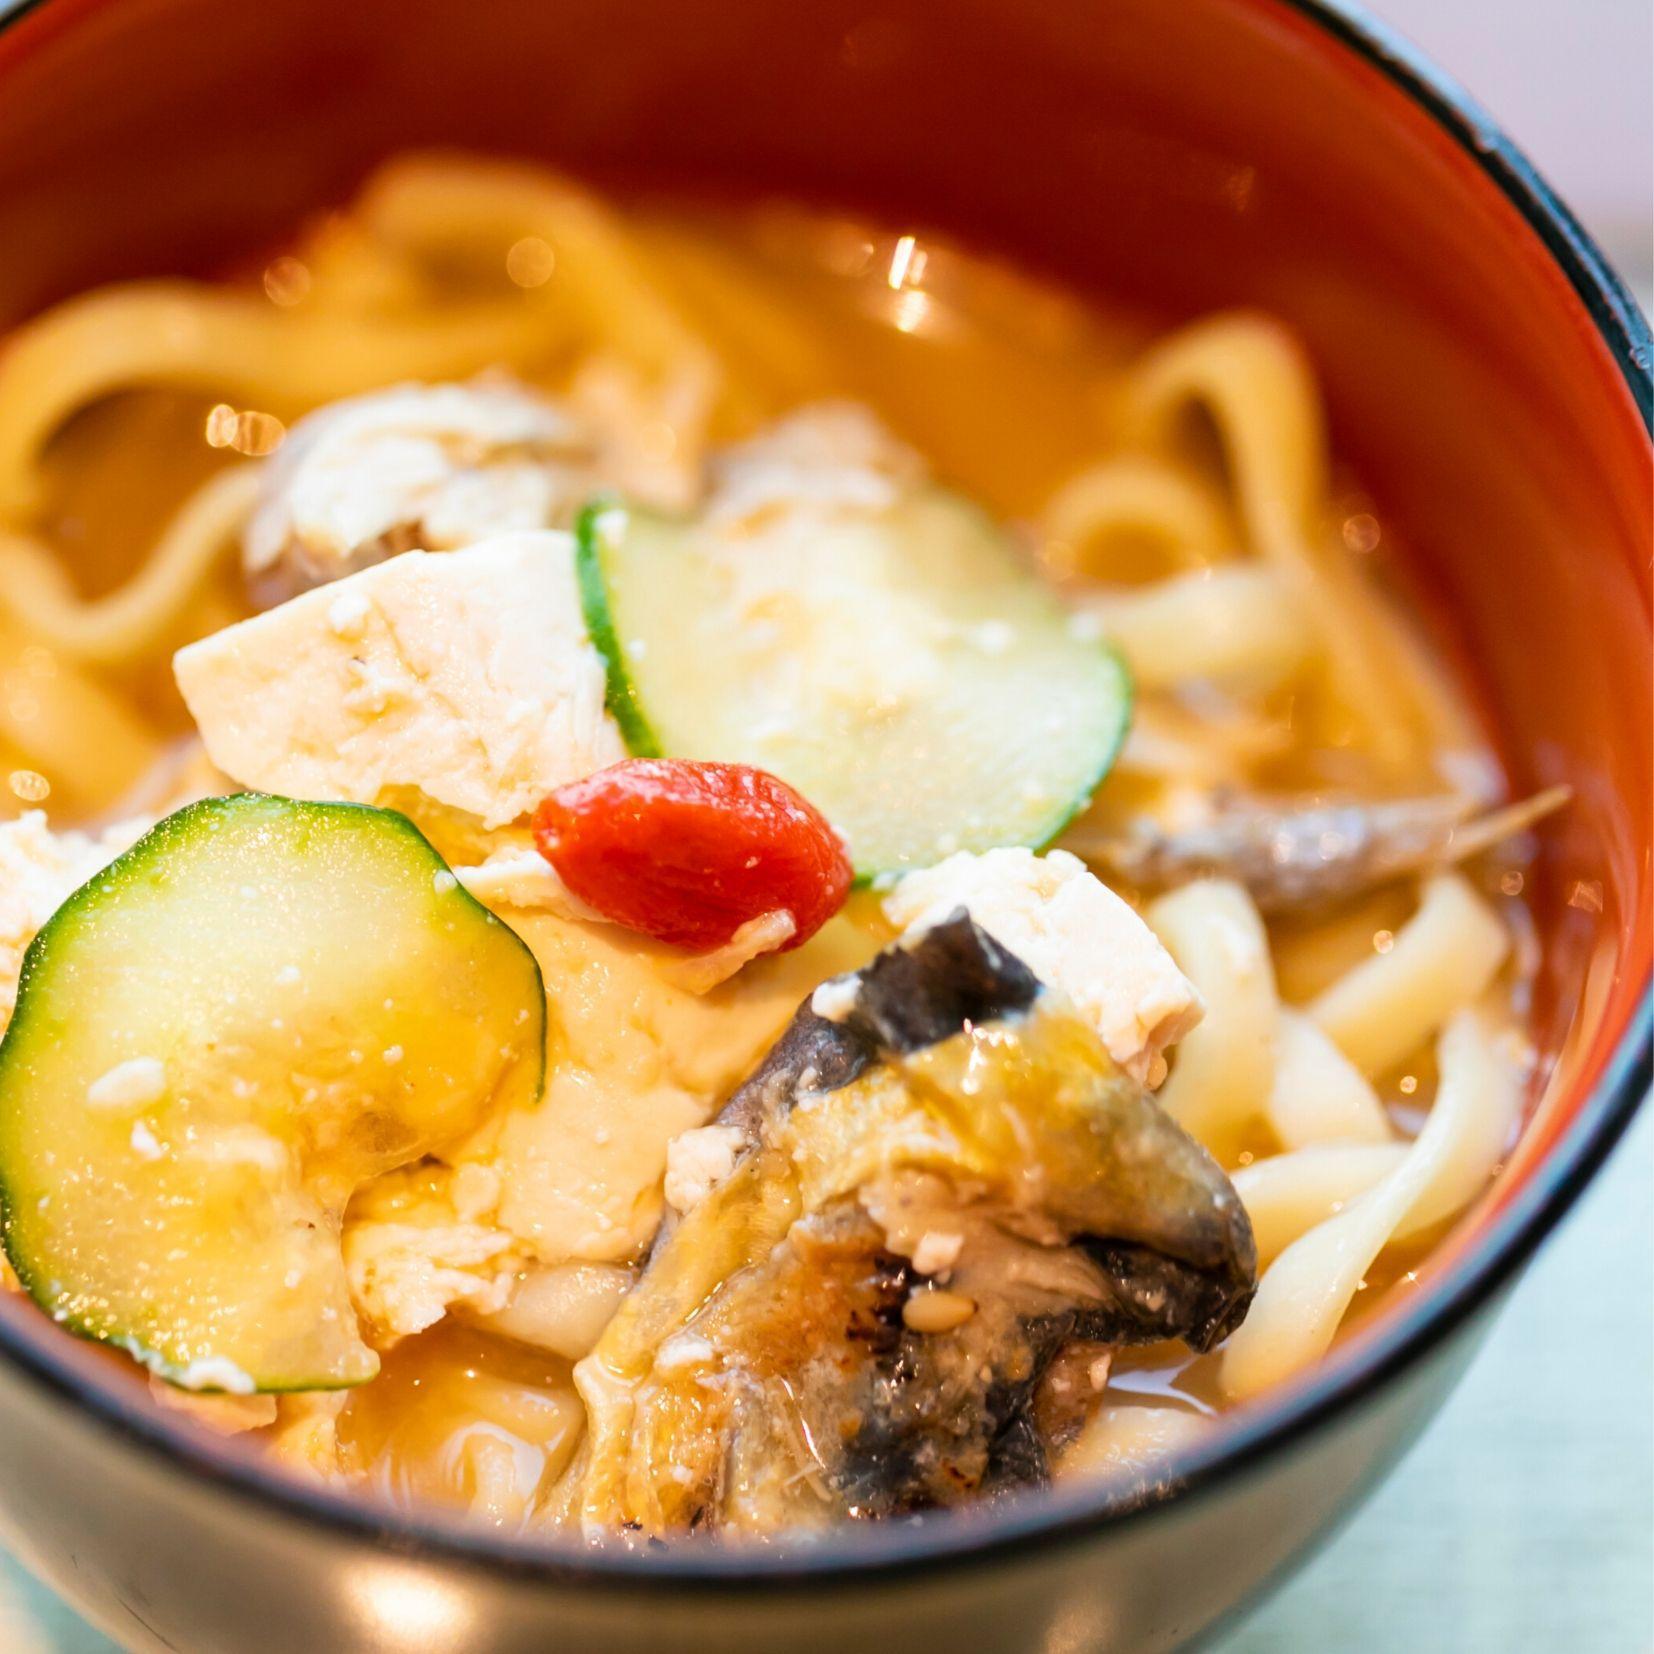 隠れた絶品「沖縄風冷やし麺」